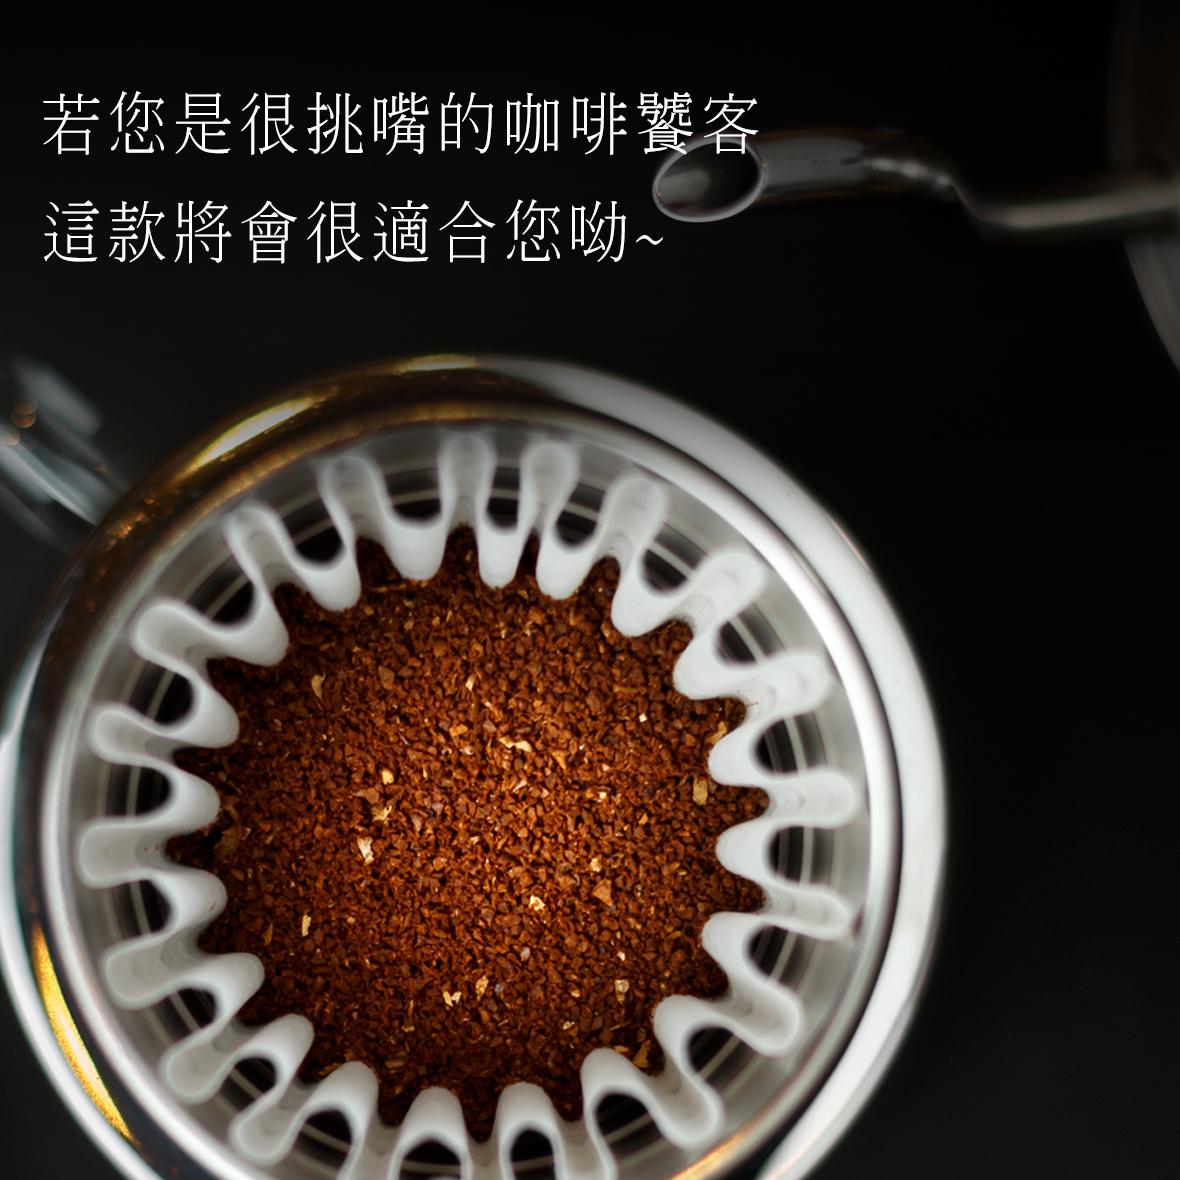 黑鑲金咖啡-多明尼加紅翡高海拔莊園咖啡豆